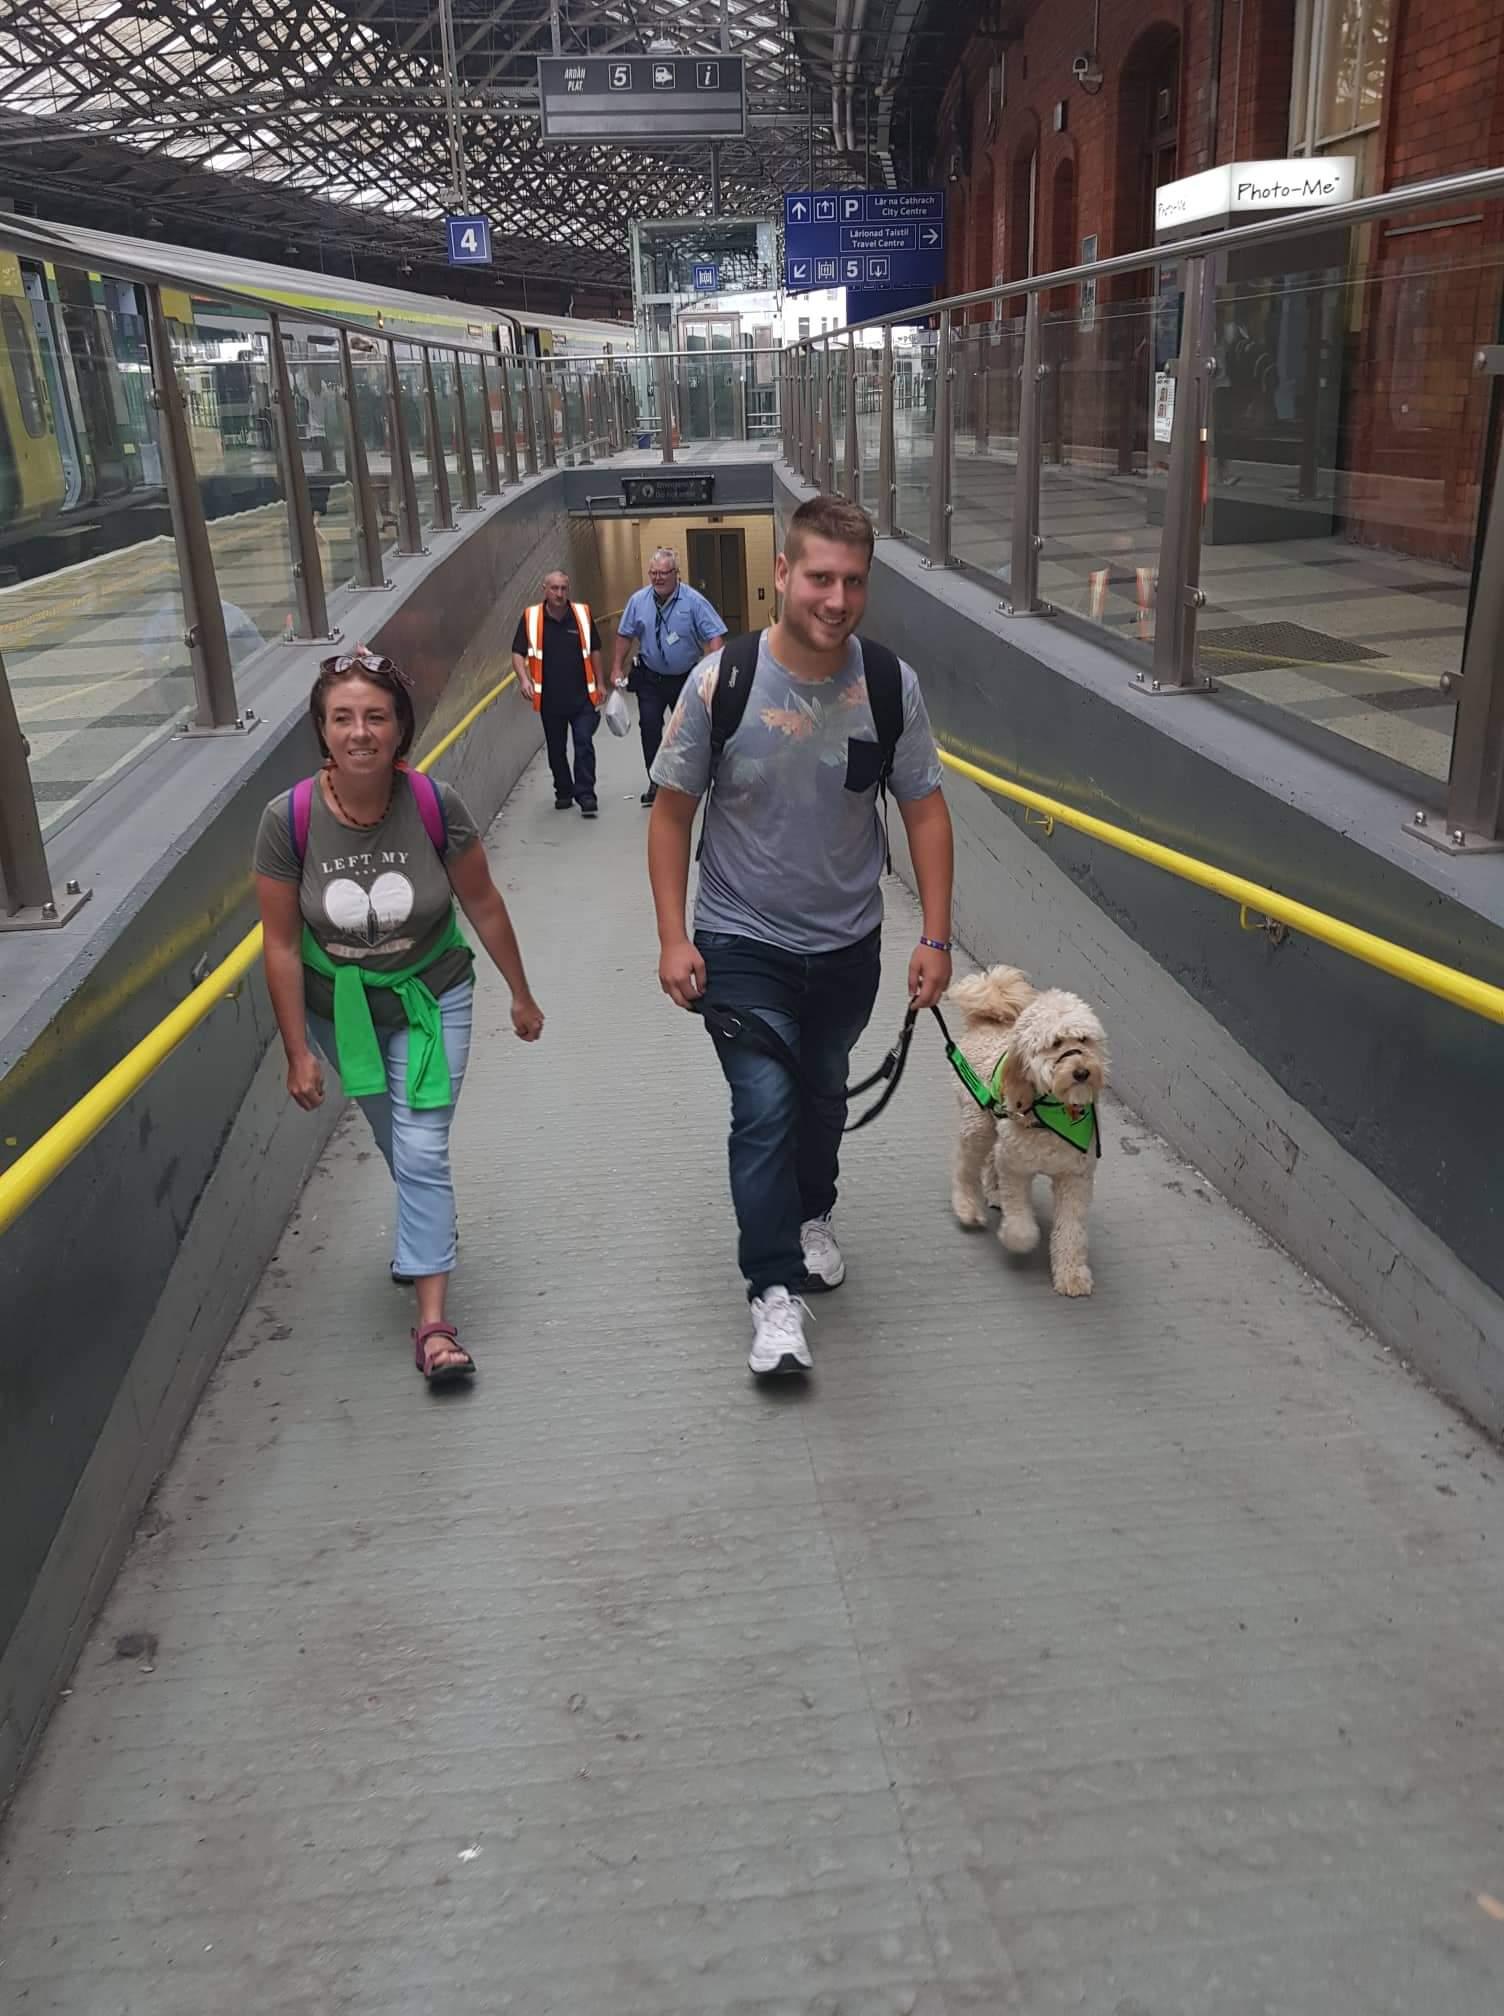 Σκύλος βοηθός στην πόλη